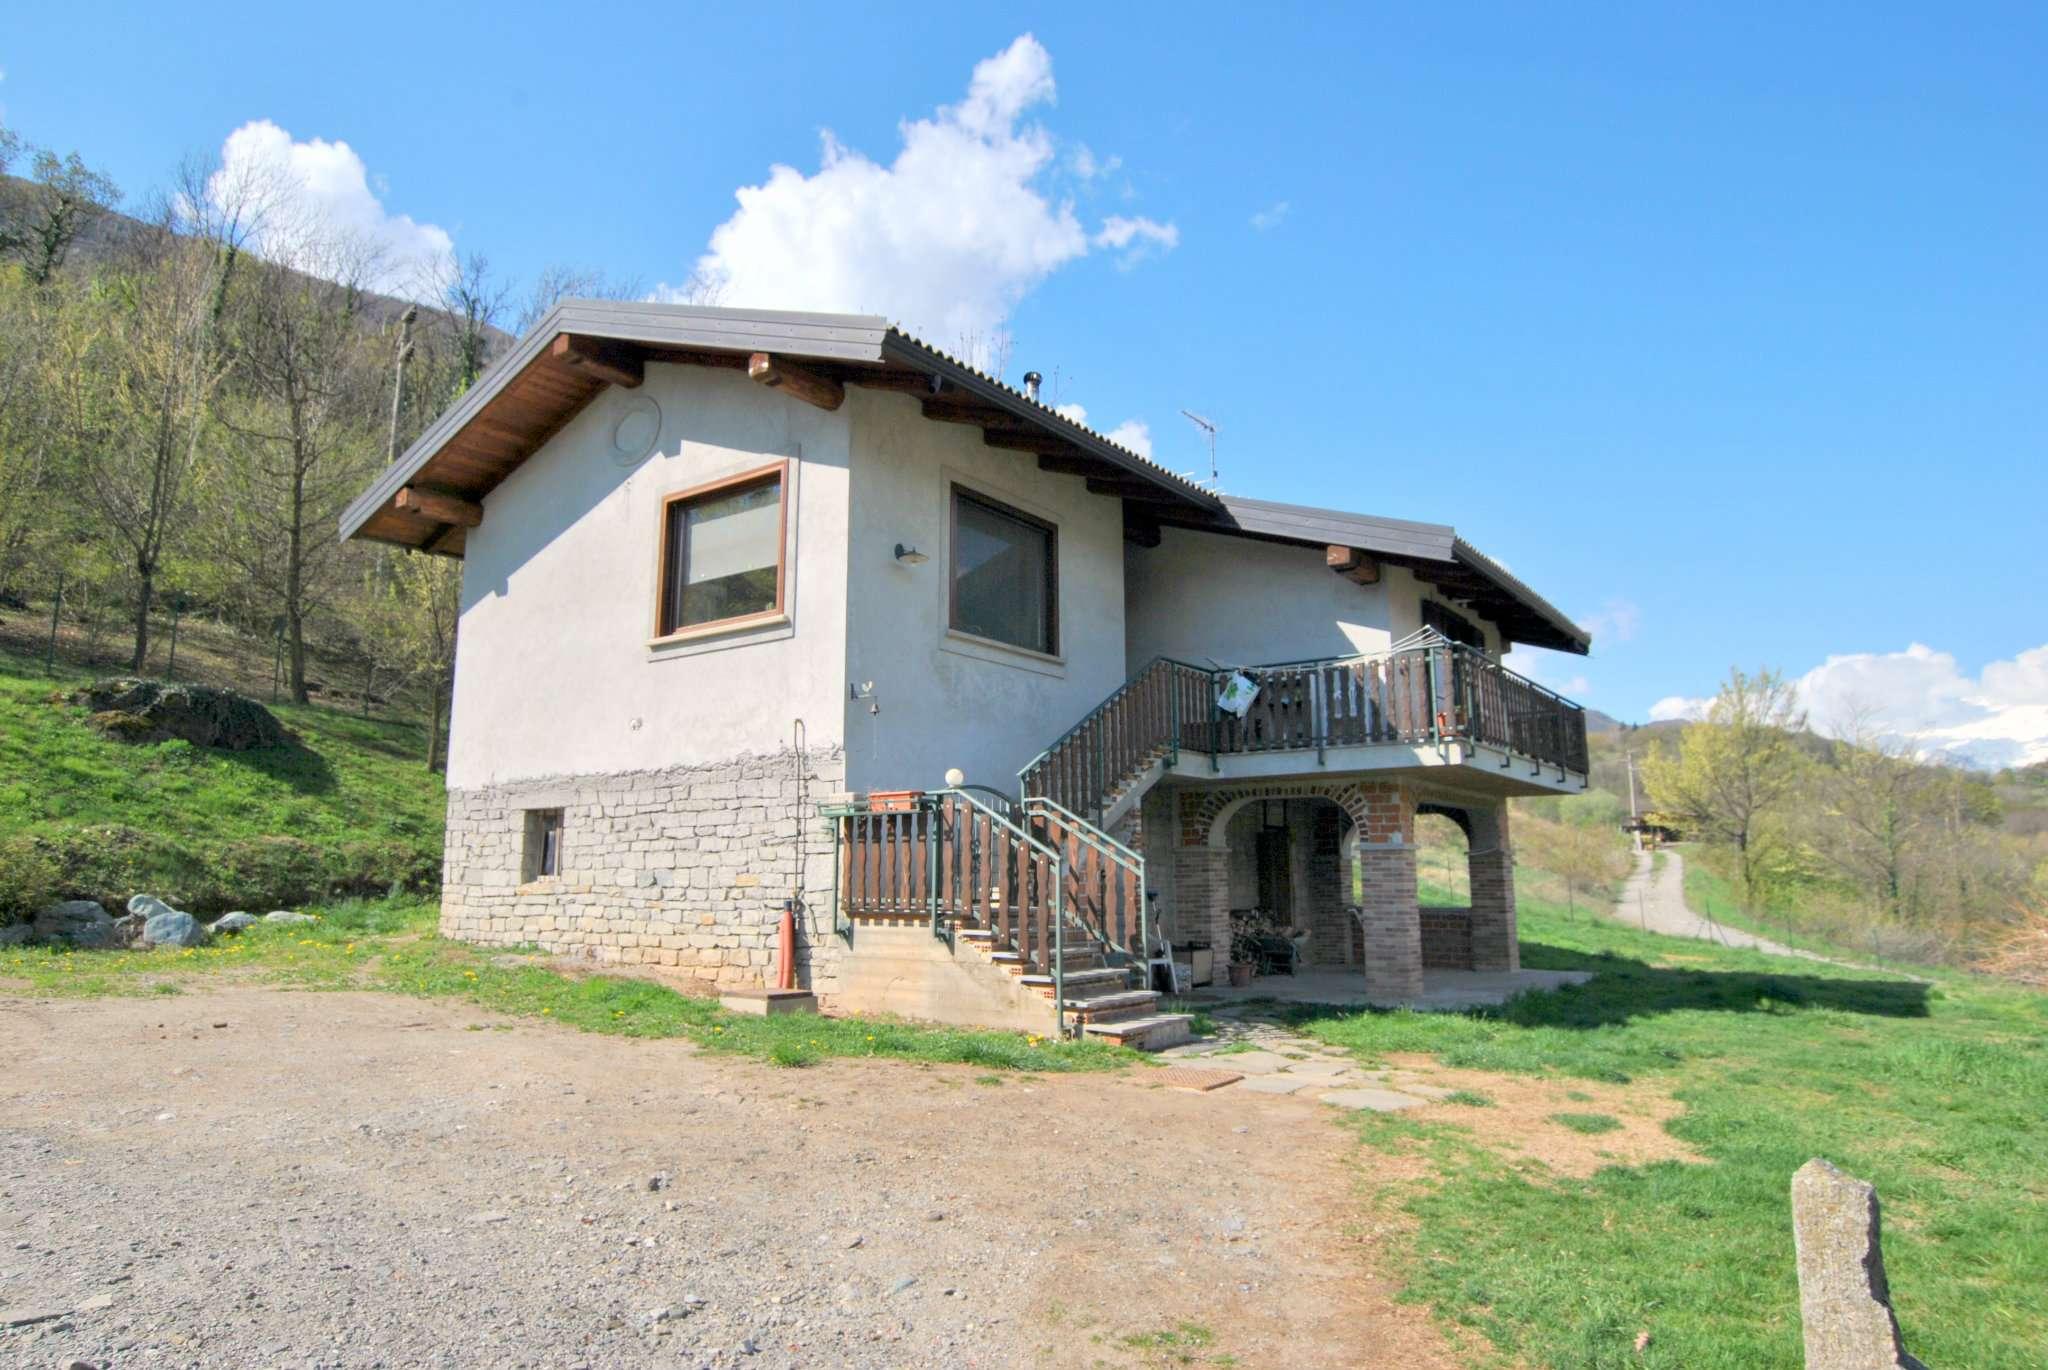 Soluzione Indipendente in vendita a San Giorio di Susa, 6 locali, prezzo € 195.000 | PortaleAgenzieImmobiliari.it